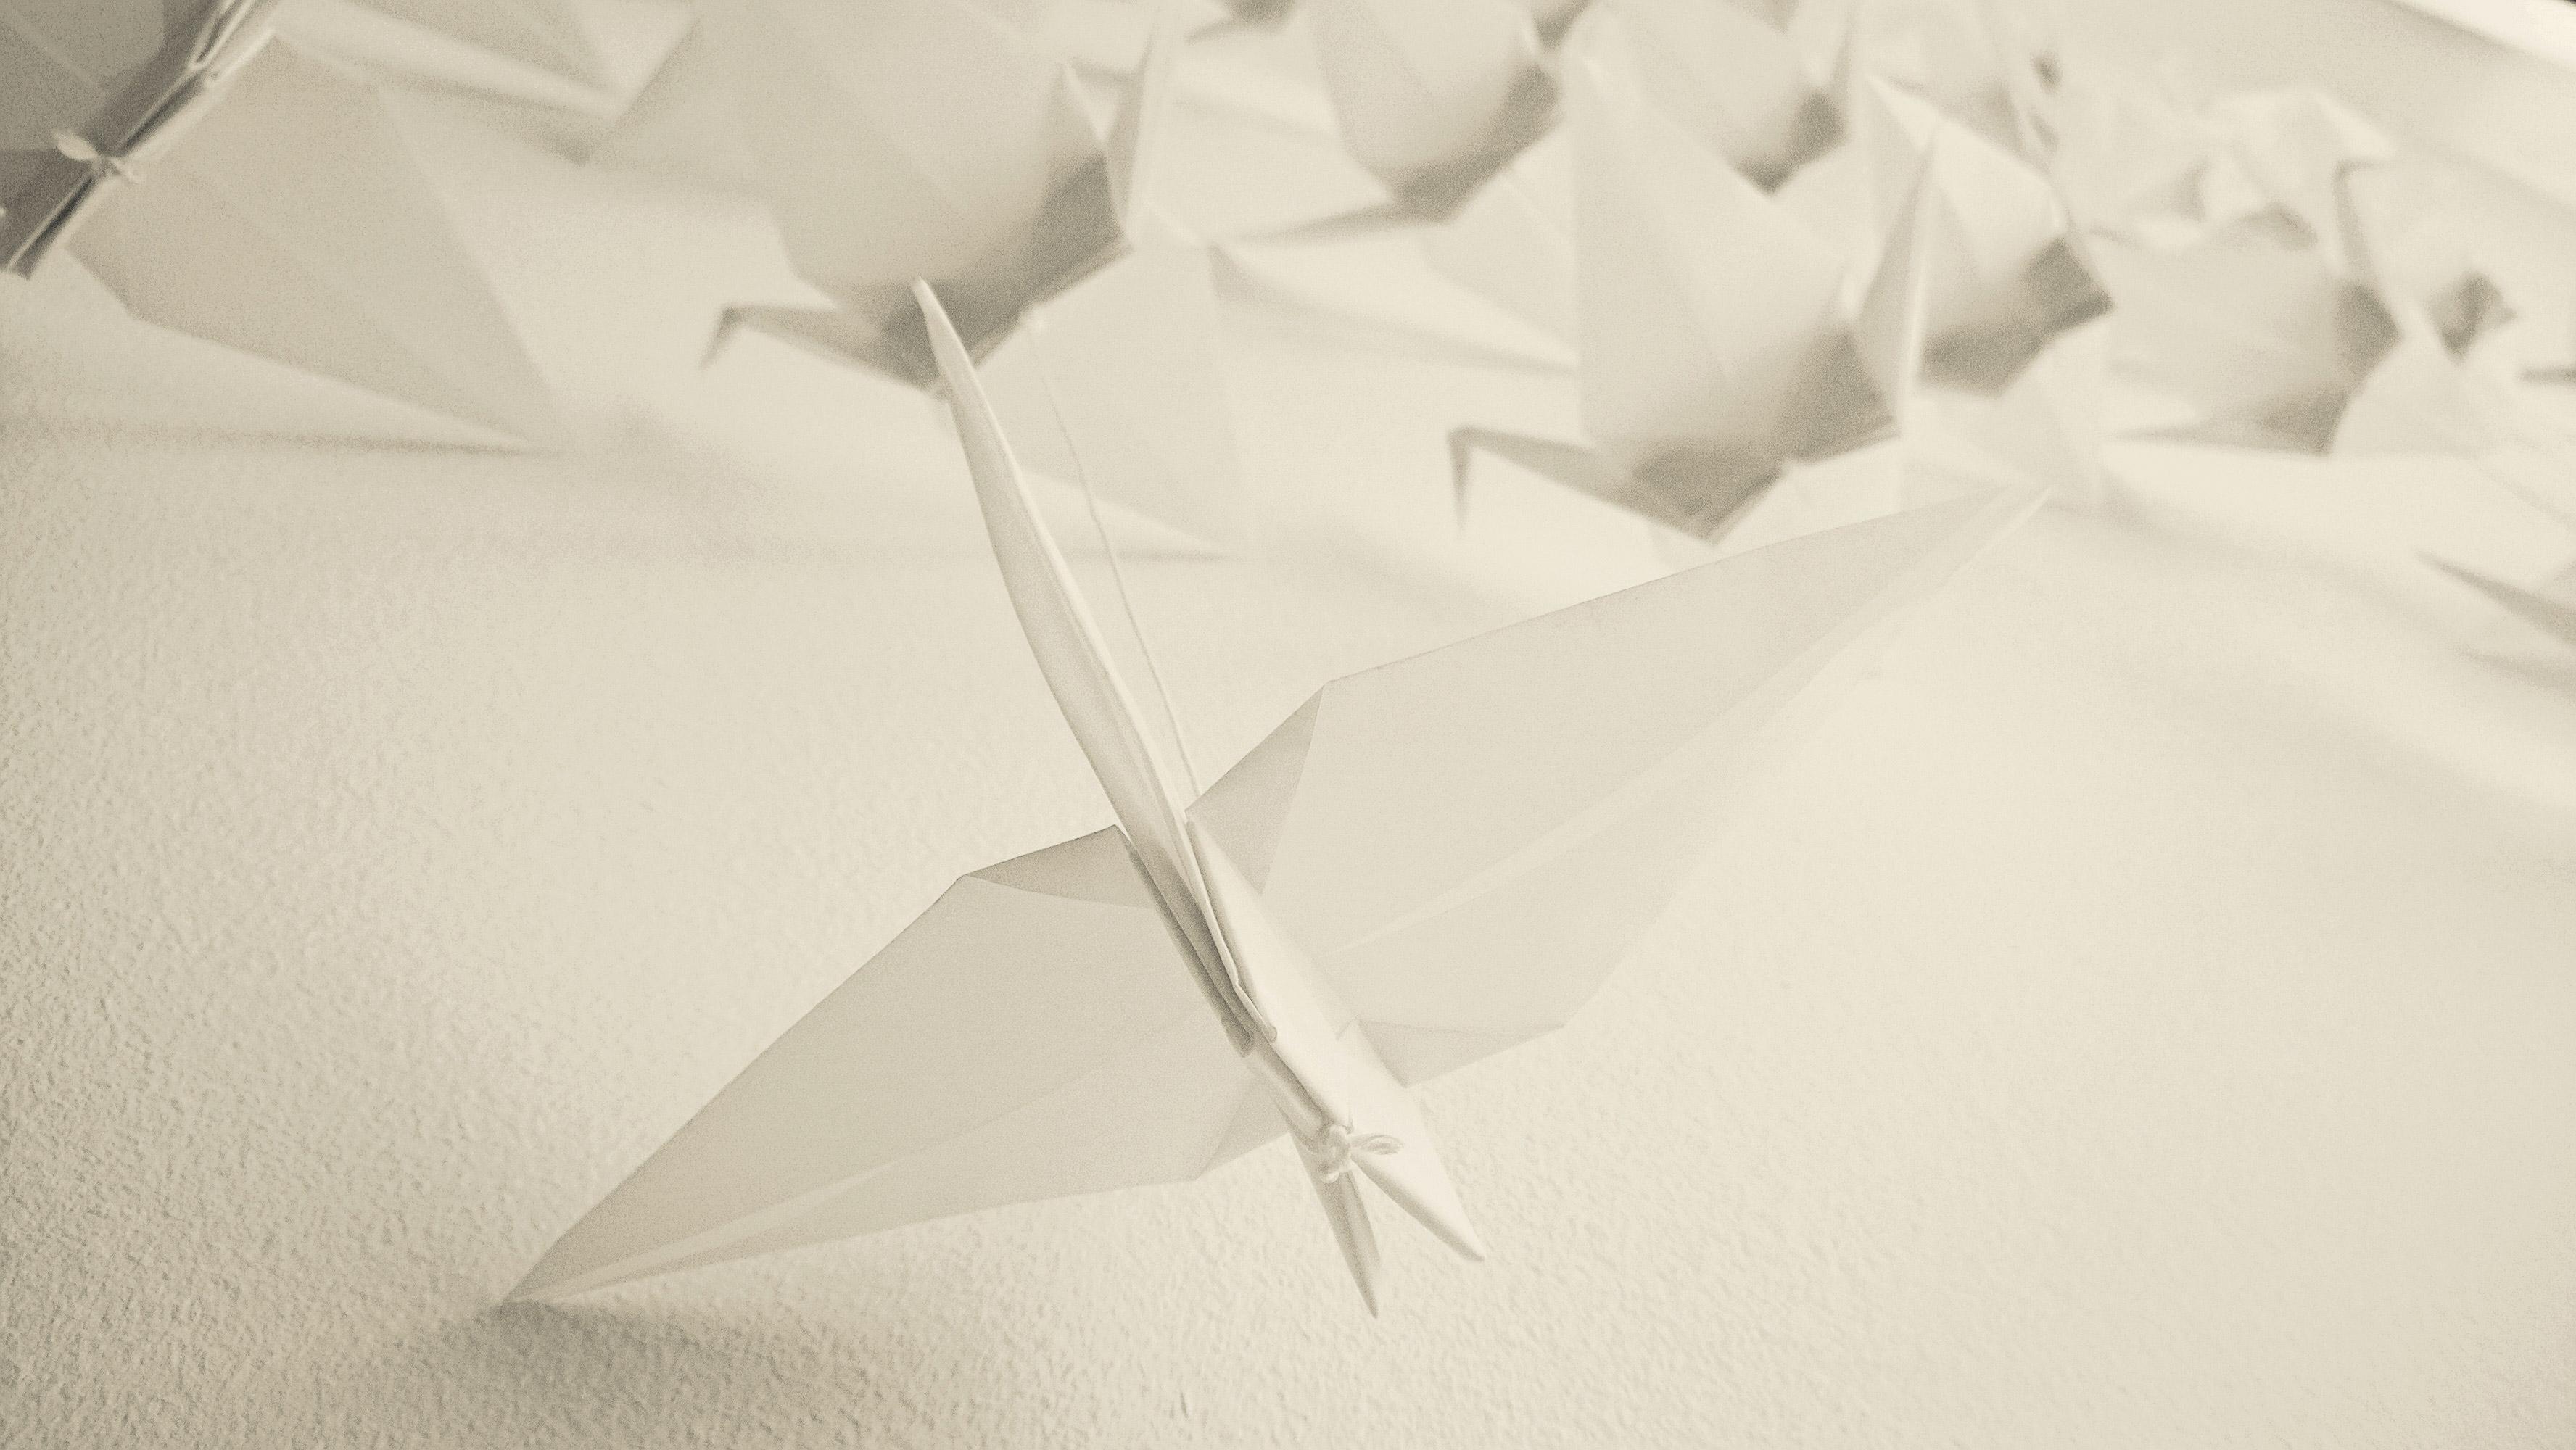 Contact us - Origami Cranes - Contact us